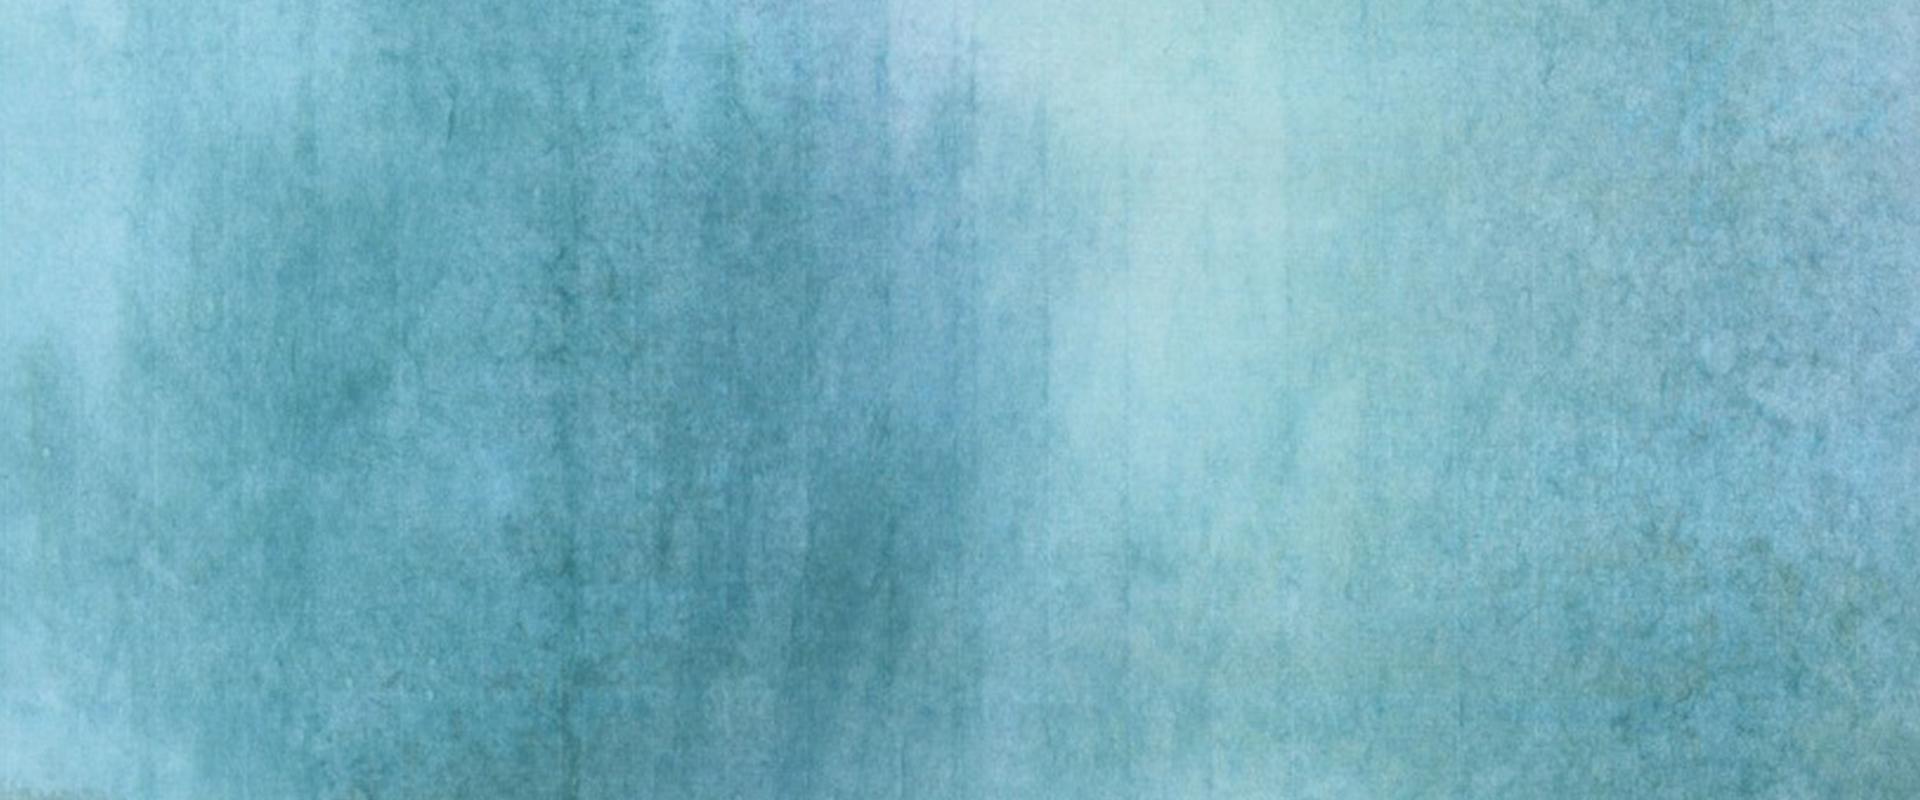 Pastel Colors Of Ink Texture Texture Map Elegant Plain